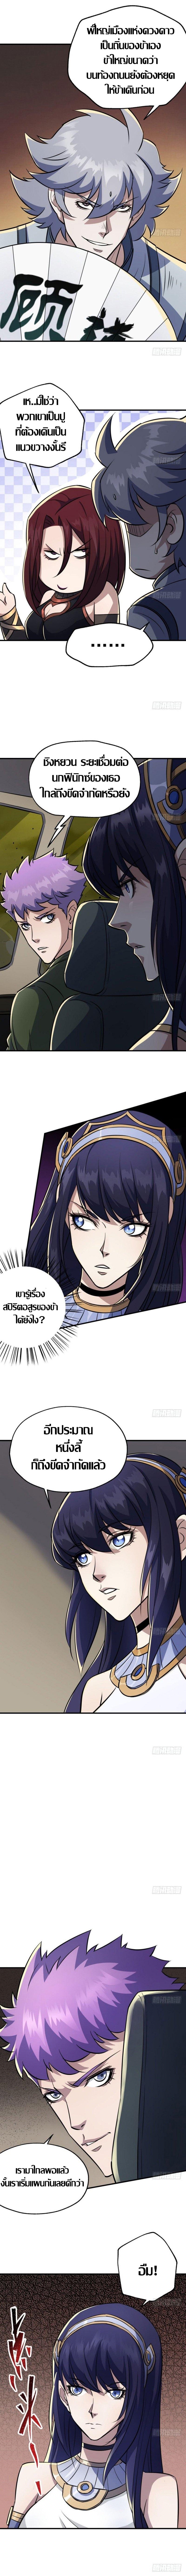 Cartoon-th-com-The-Hunter-002